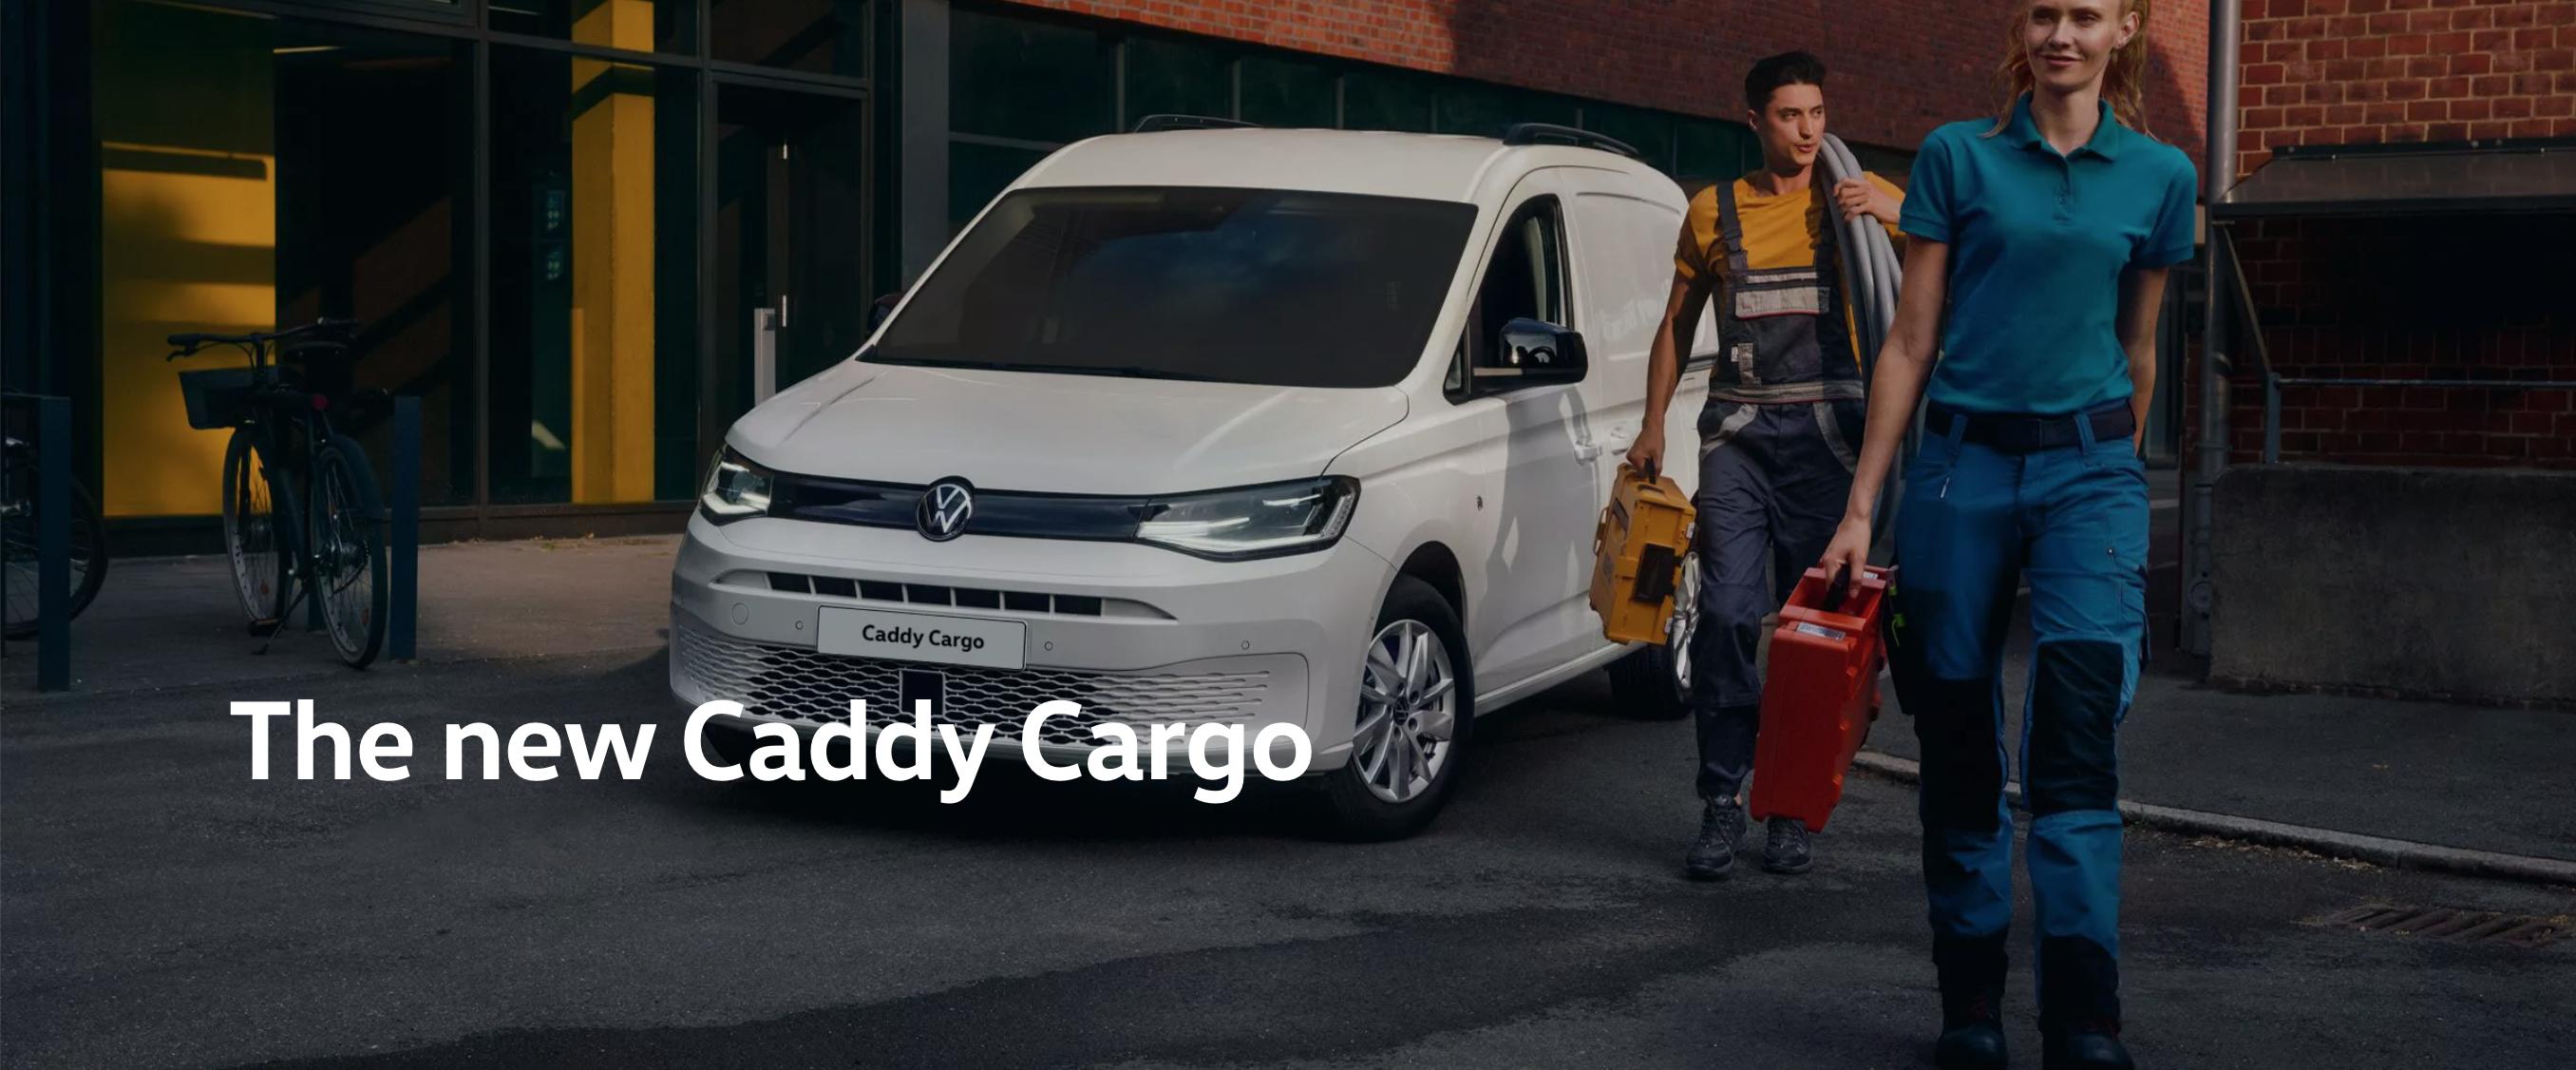 New Caddy Cargo